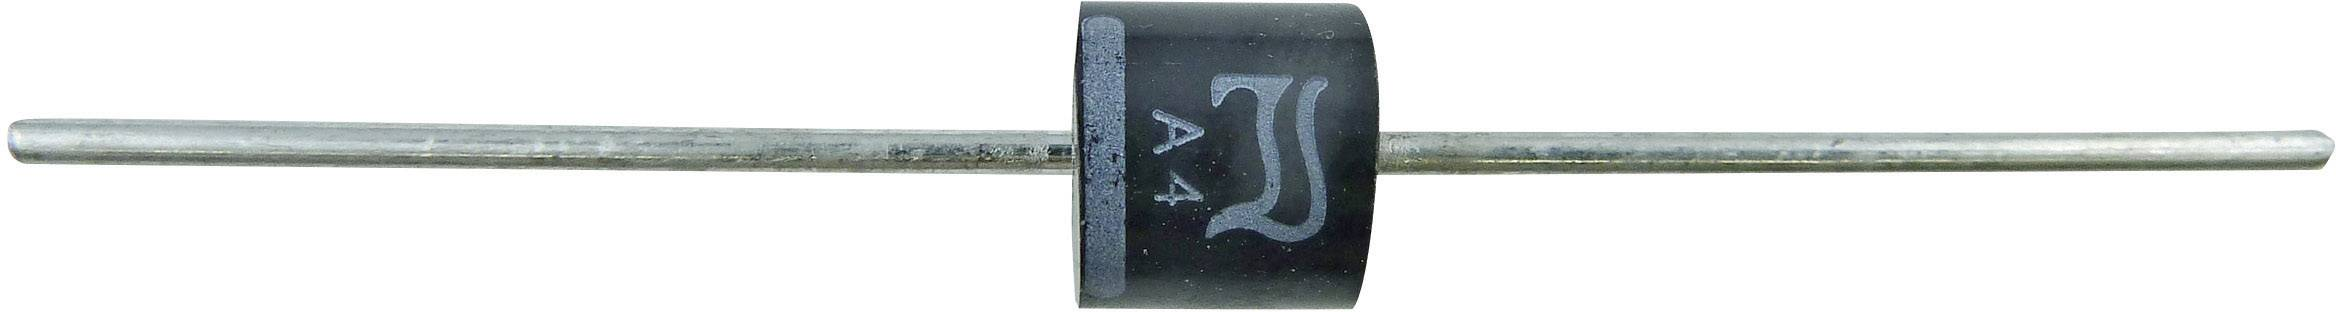 Dioda Diotec P1000A, I(F) 10 A, U(R) 50 V